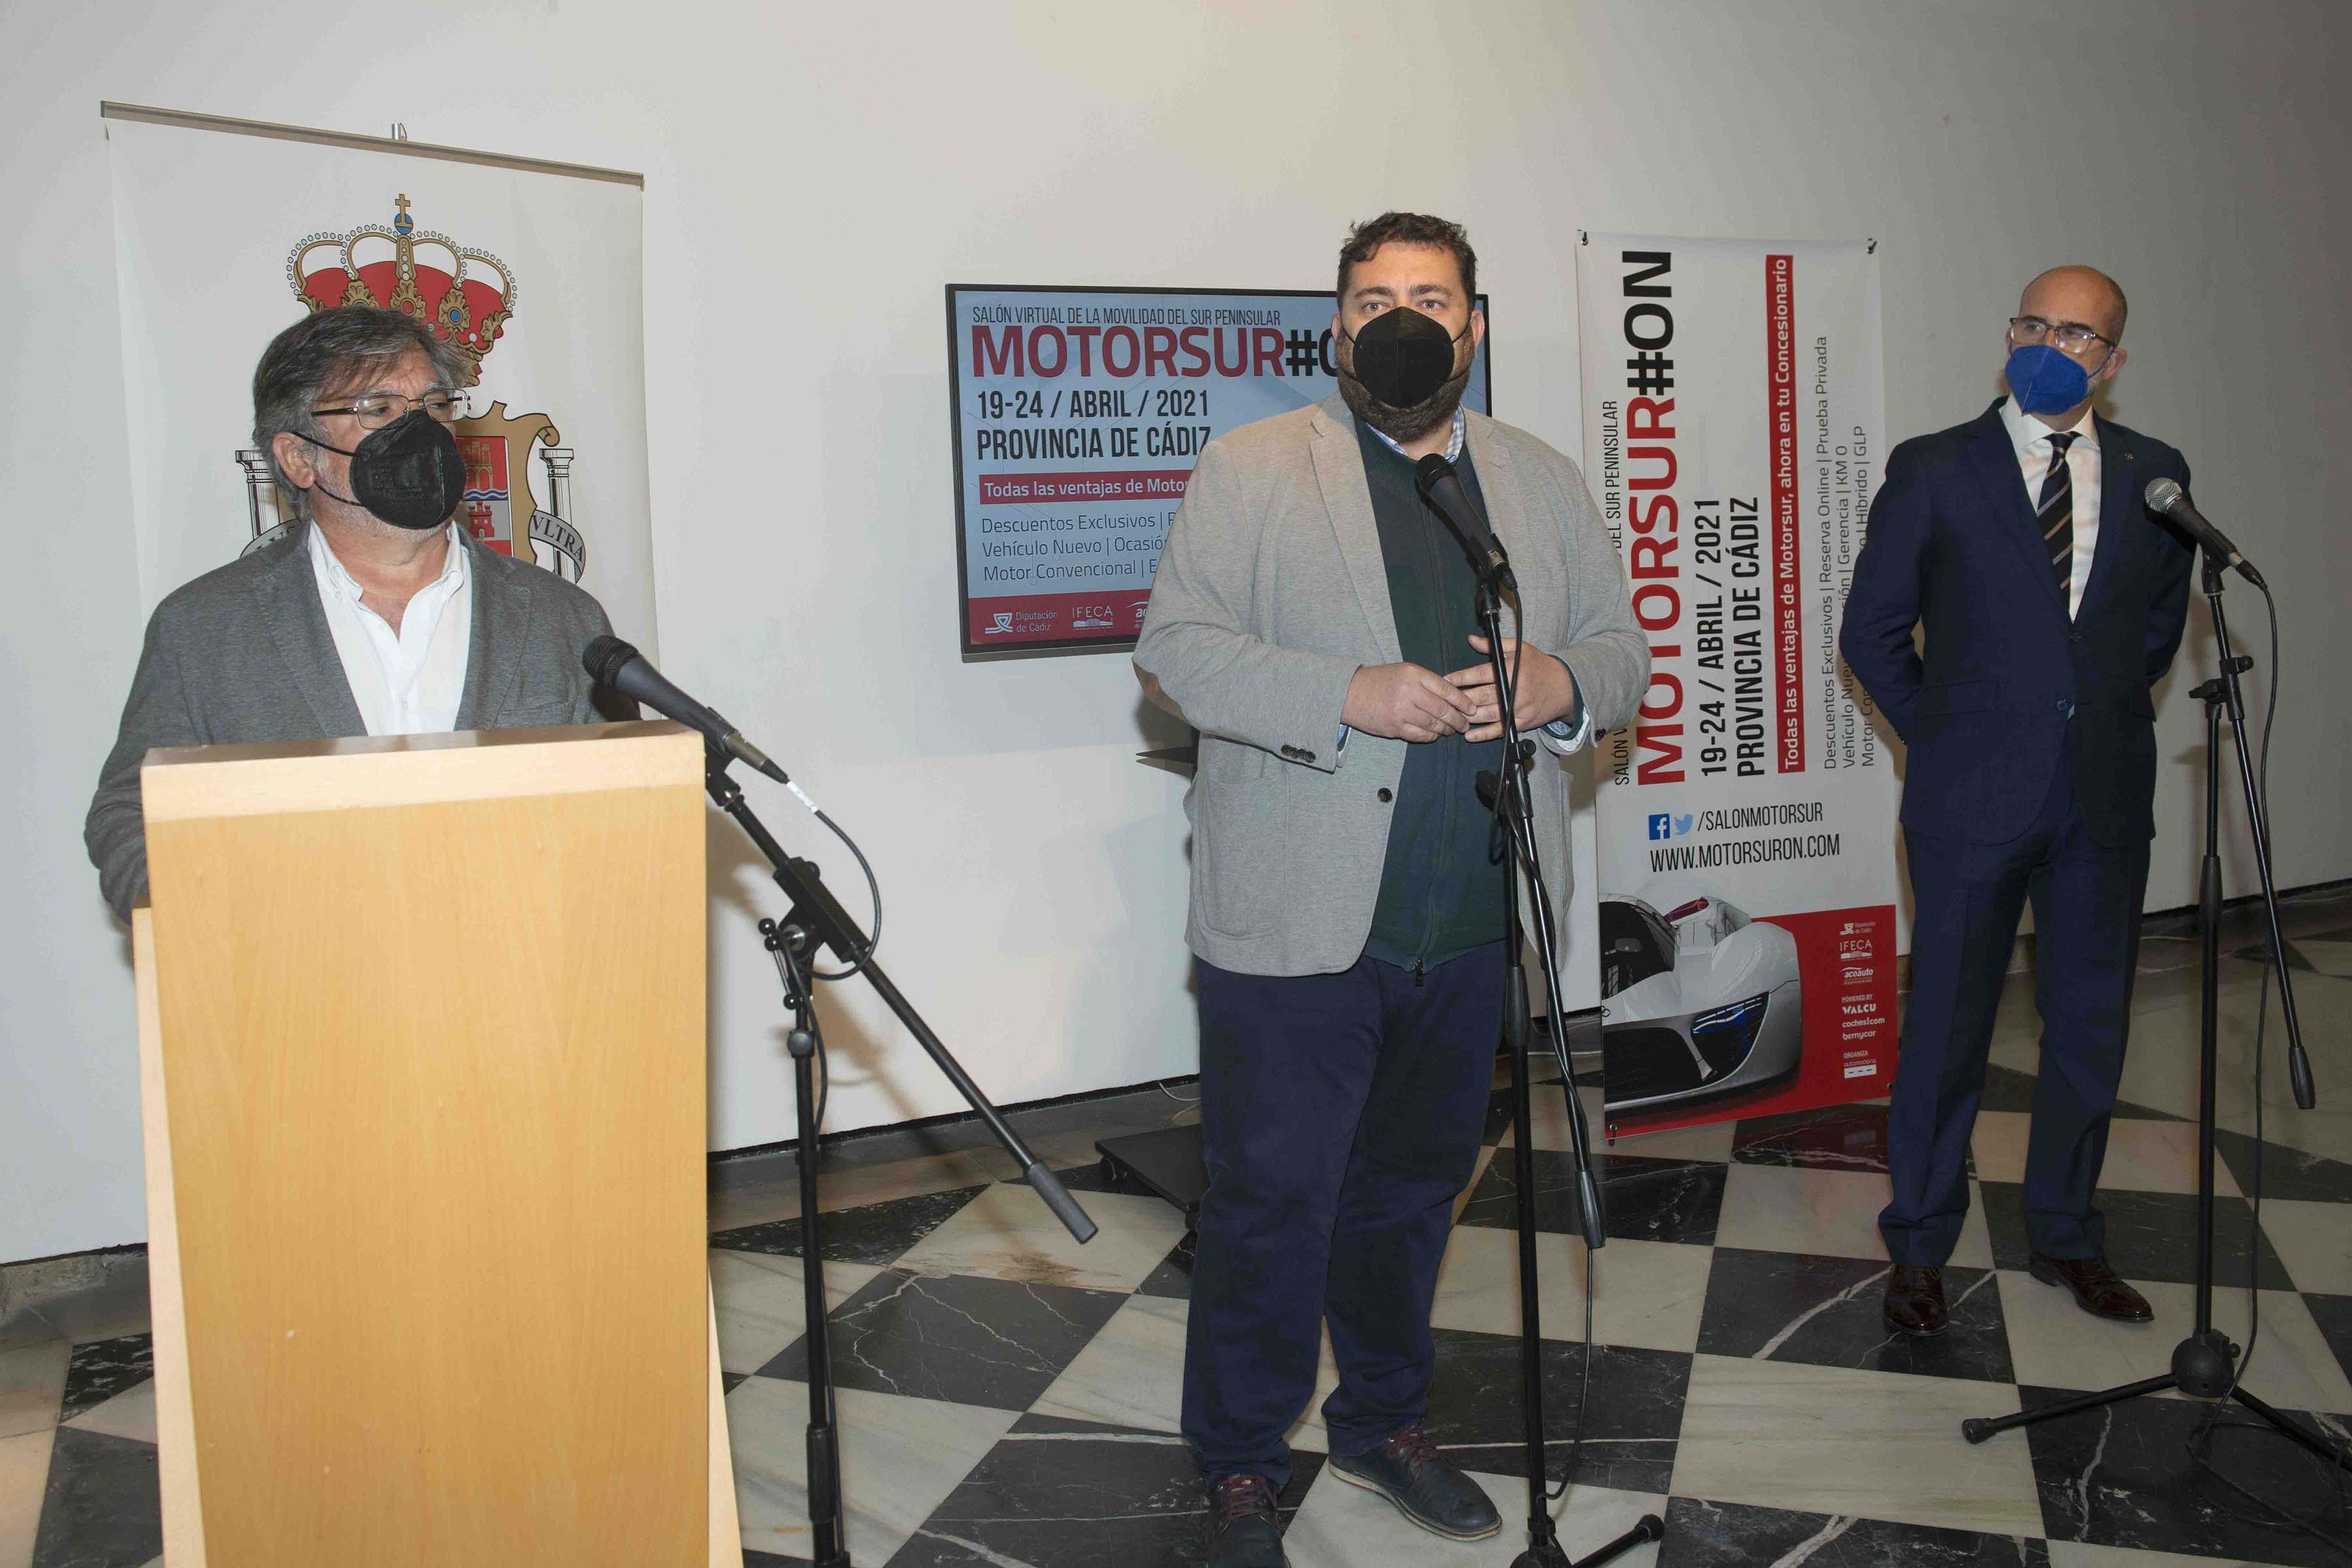 Motorsur, de forma virtual para impulsar la recuperación del sector automovilístico